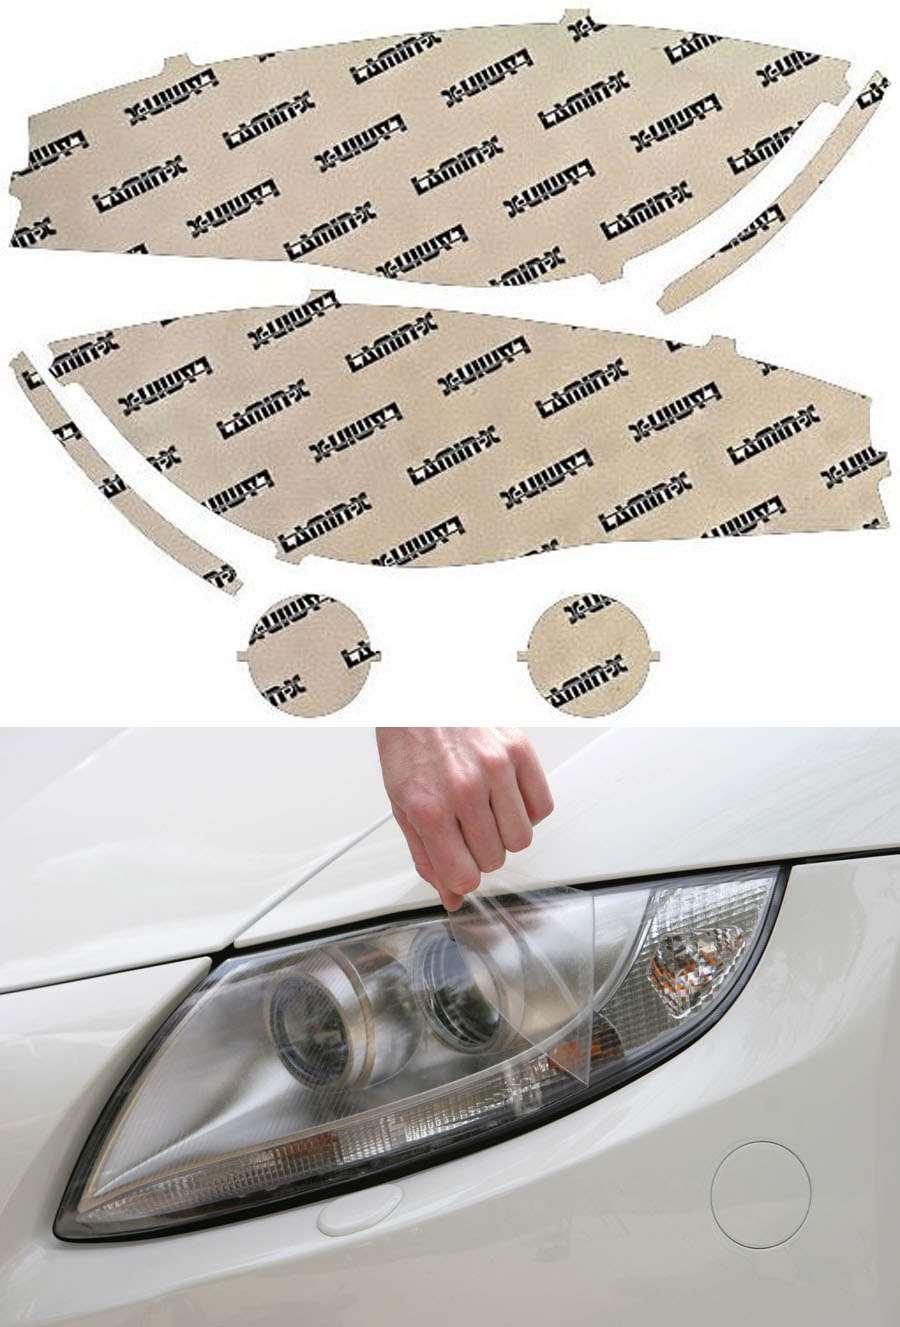 BMW X5 14-18 Clear Headlight Covers Lamin-X B046CL